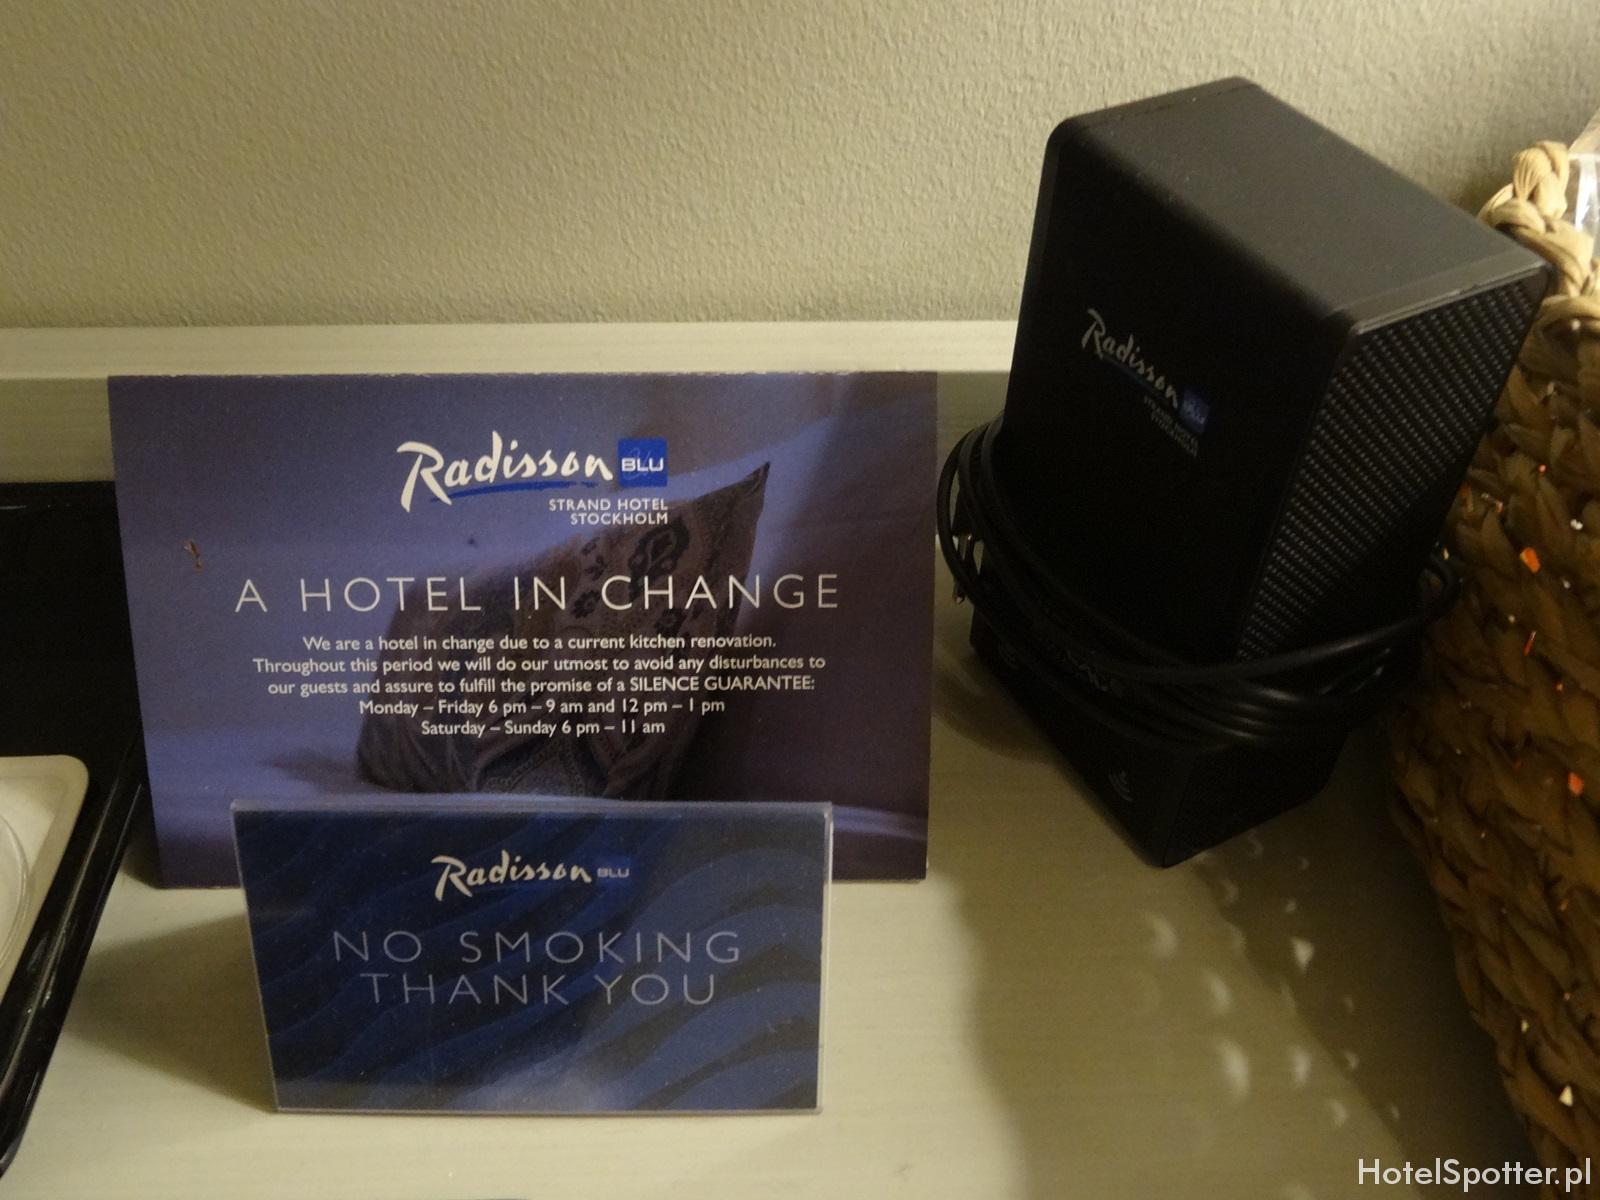 Radisson Blu Strand Hotel, Stockholm - przenosny glosnik